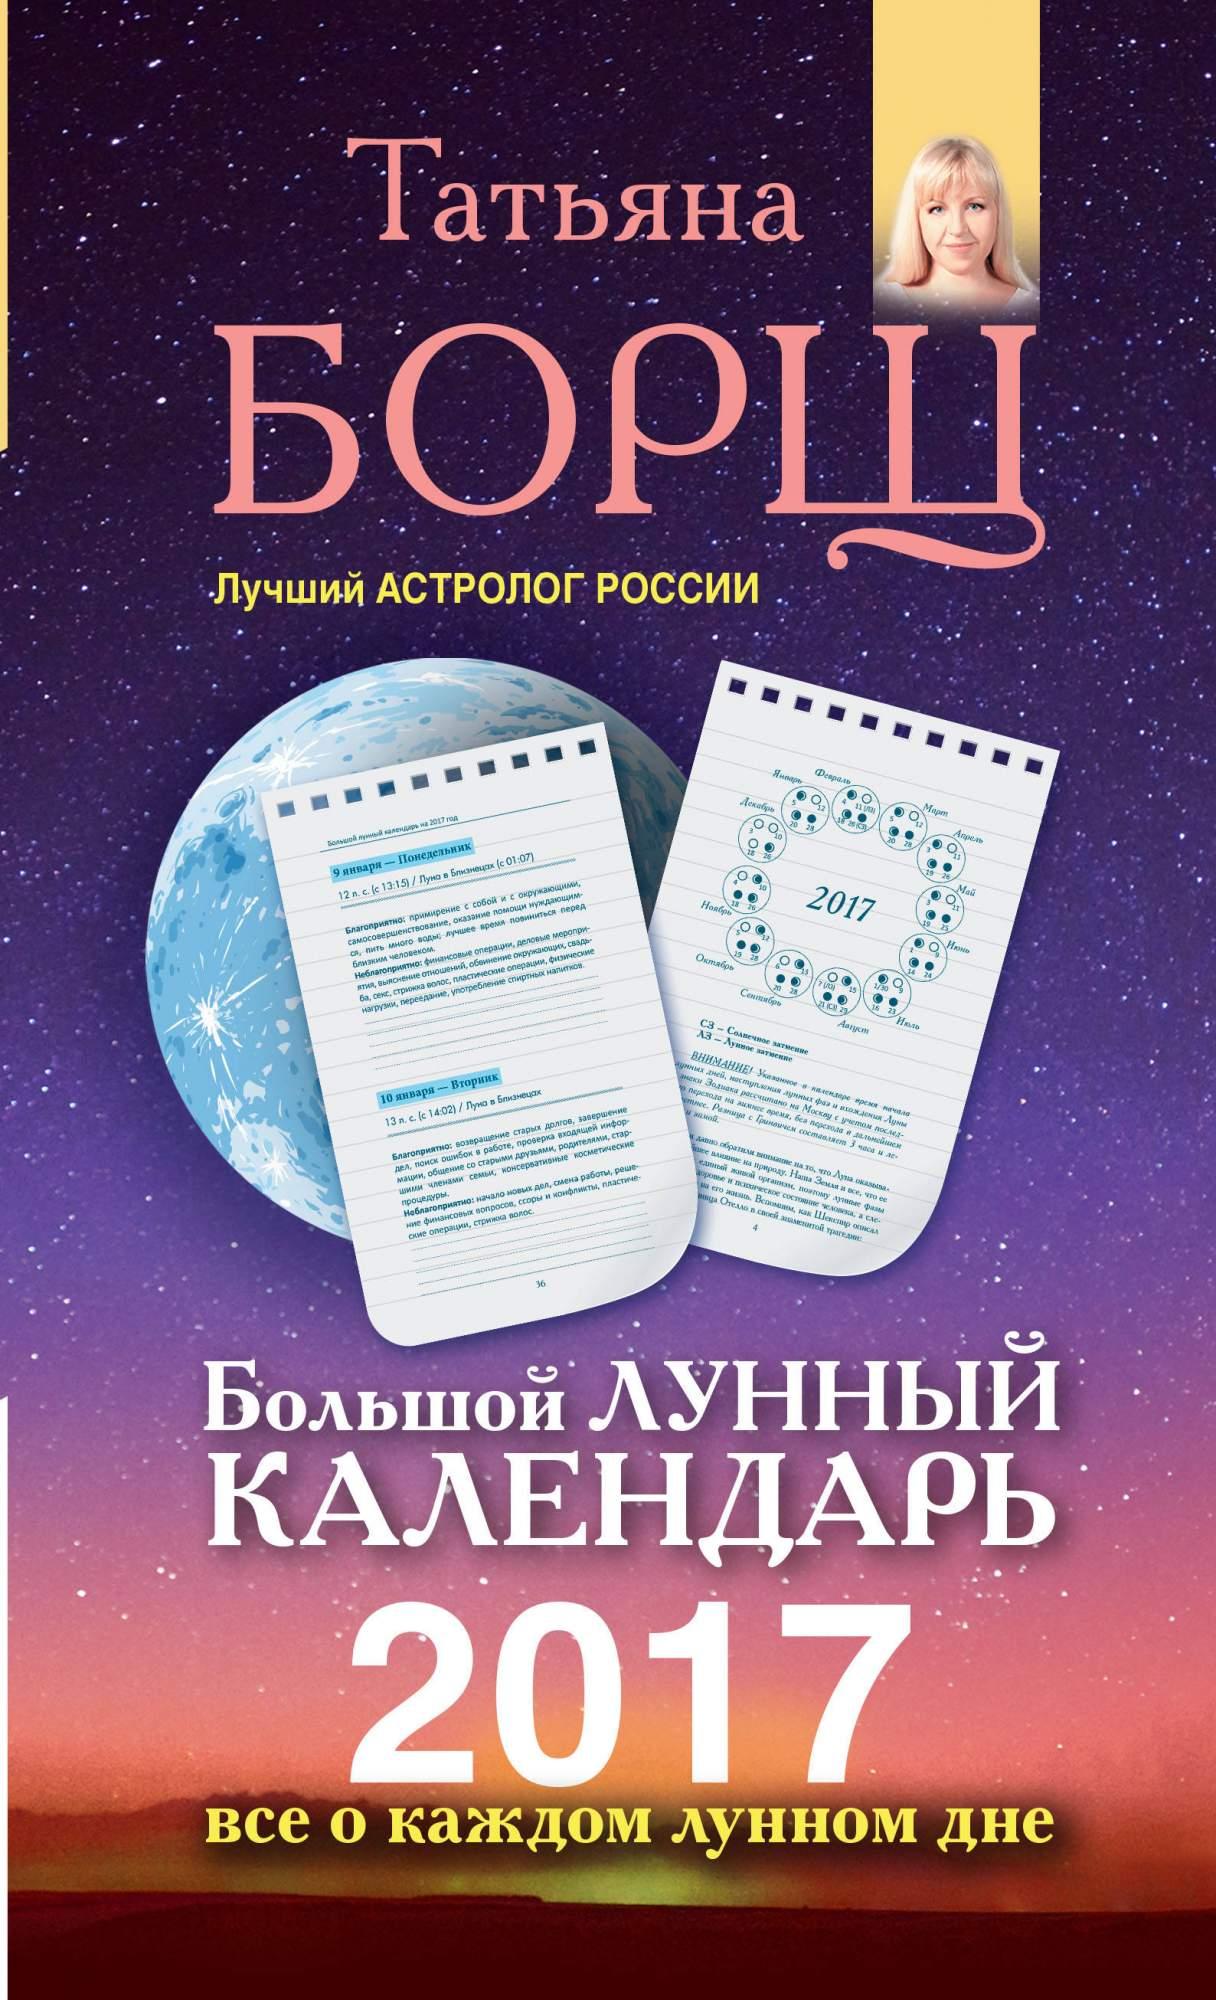 Подробный лунный календарь на 2020 год: лунные дни, фазы, сутки, дни рождения, по месяцам года и цели, как пользоваться?